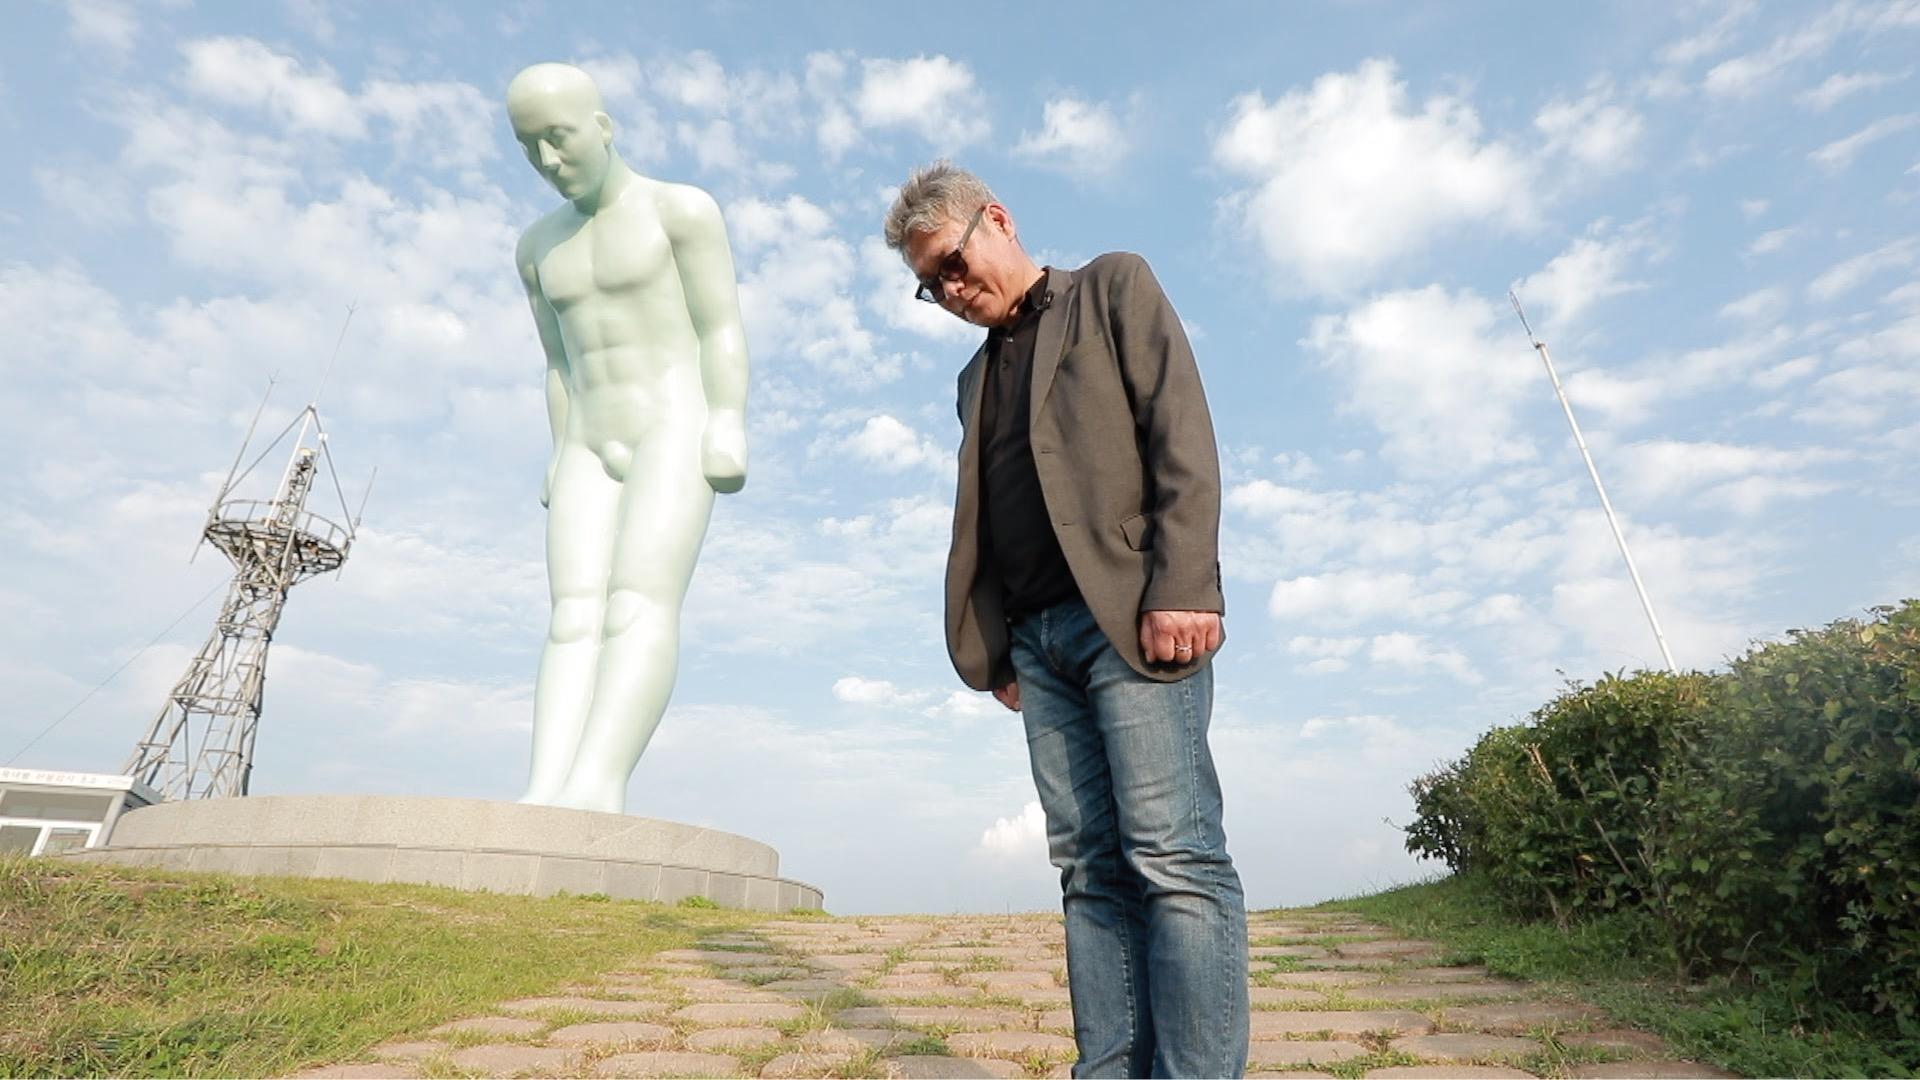 '문화사색' 평화를 염원하는 정중한 인사, '그리팅맨' 조각가 유영호를 만나다